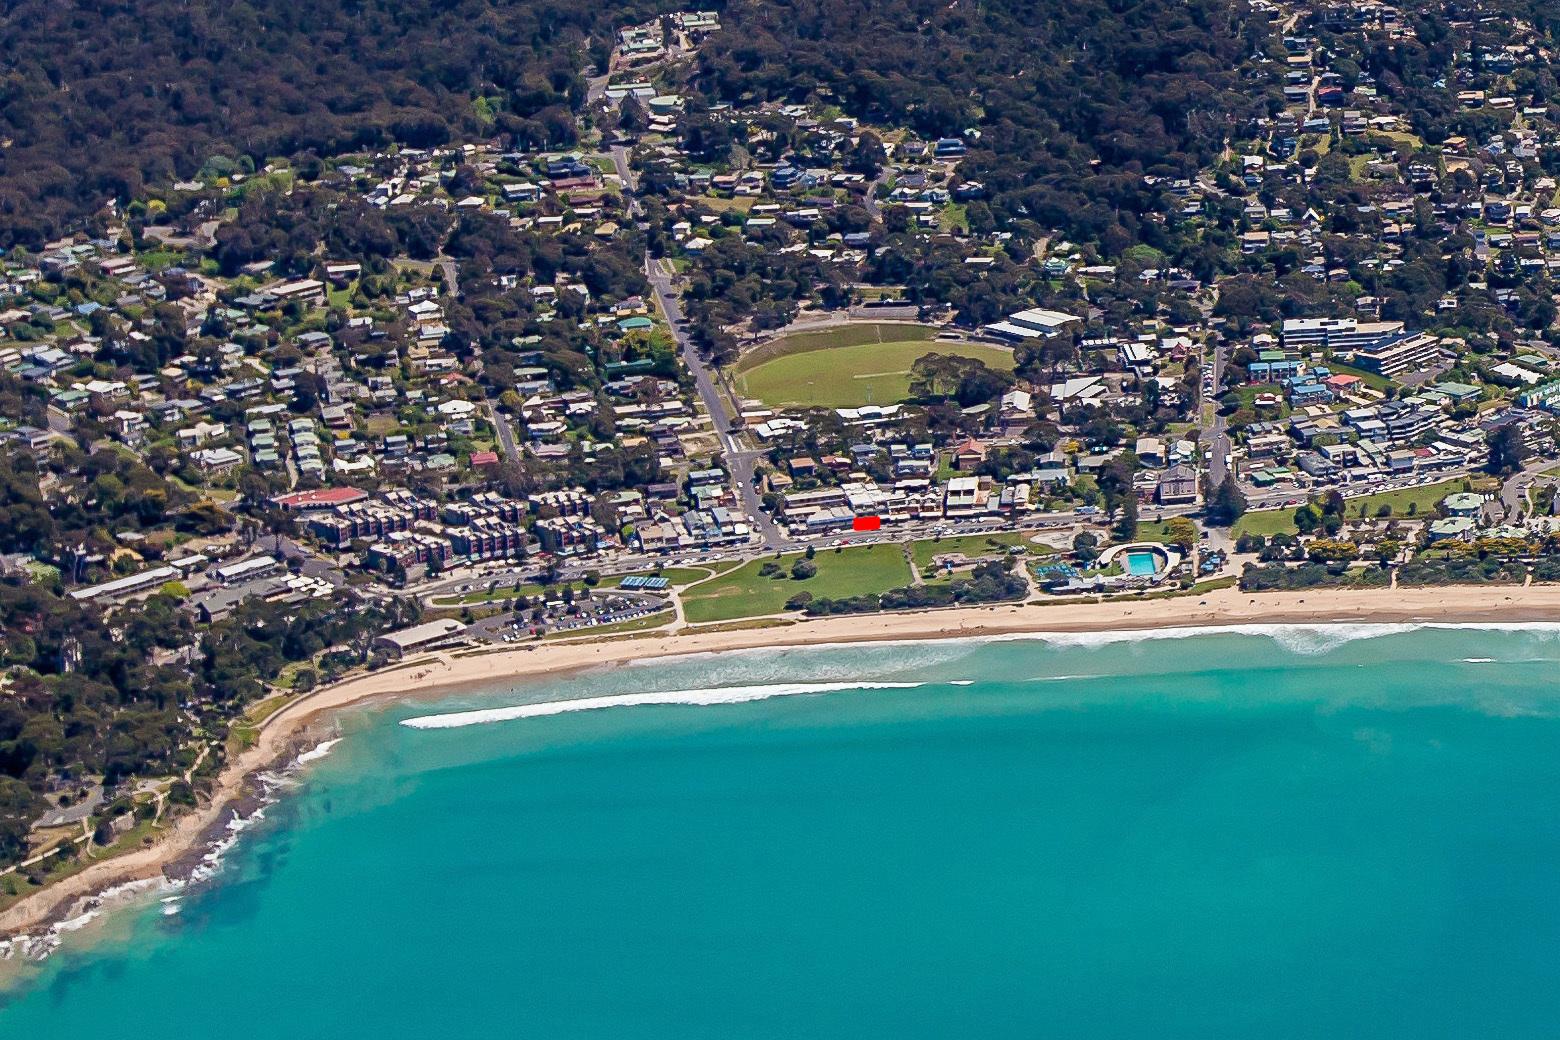 lorne victoria - 5 thị trấn bạn nên ghé thăm khi đi Great Ocean Road